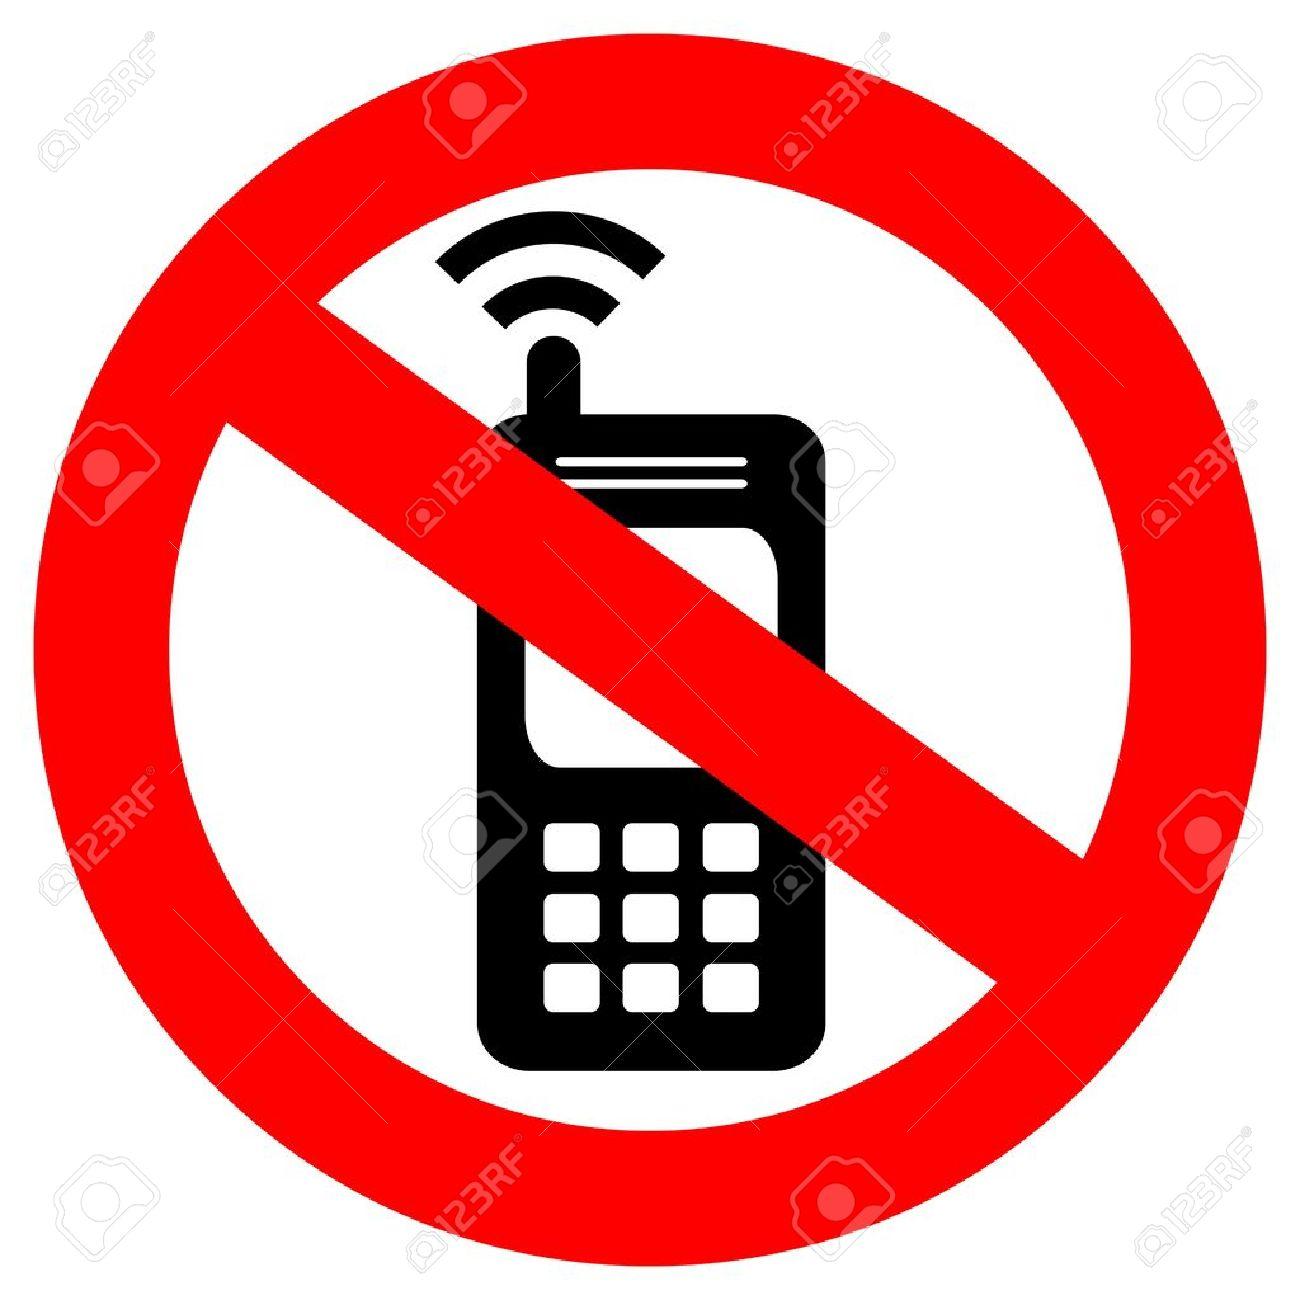 Kein Handy Zeichen Lizenzfrei Nutzbare Vektorgrafiken, Clip Arts.